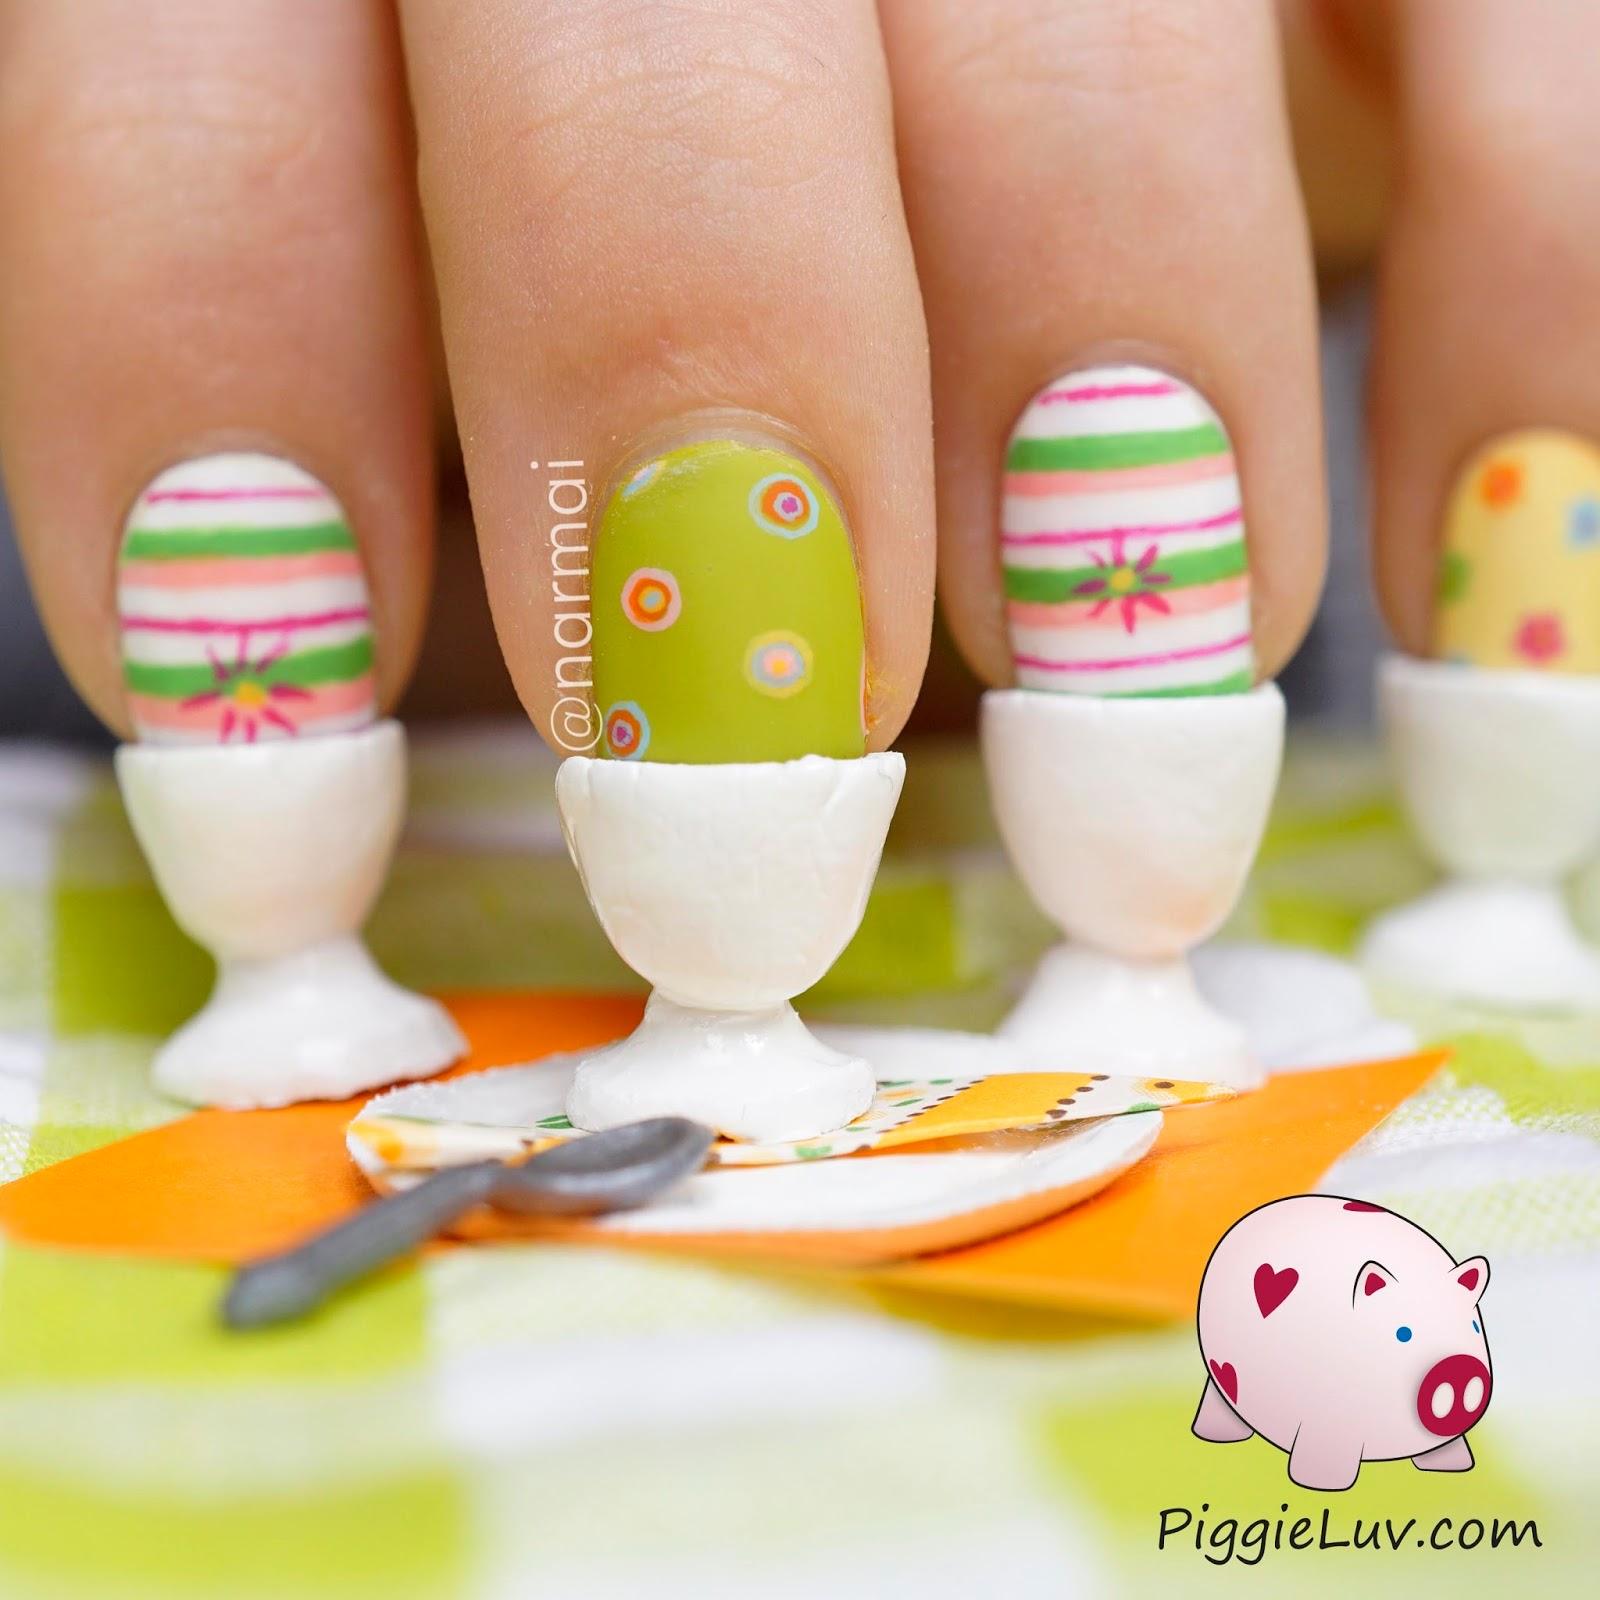 Piggieluv Easter Eggs For Breakfast Crazy 3d Nail Art